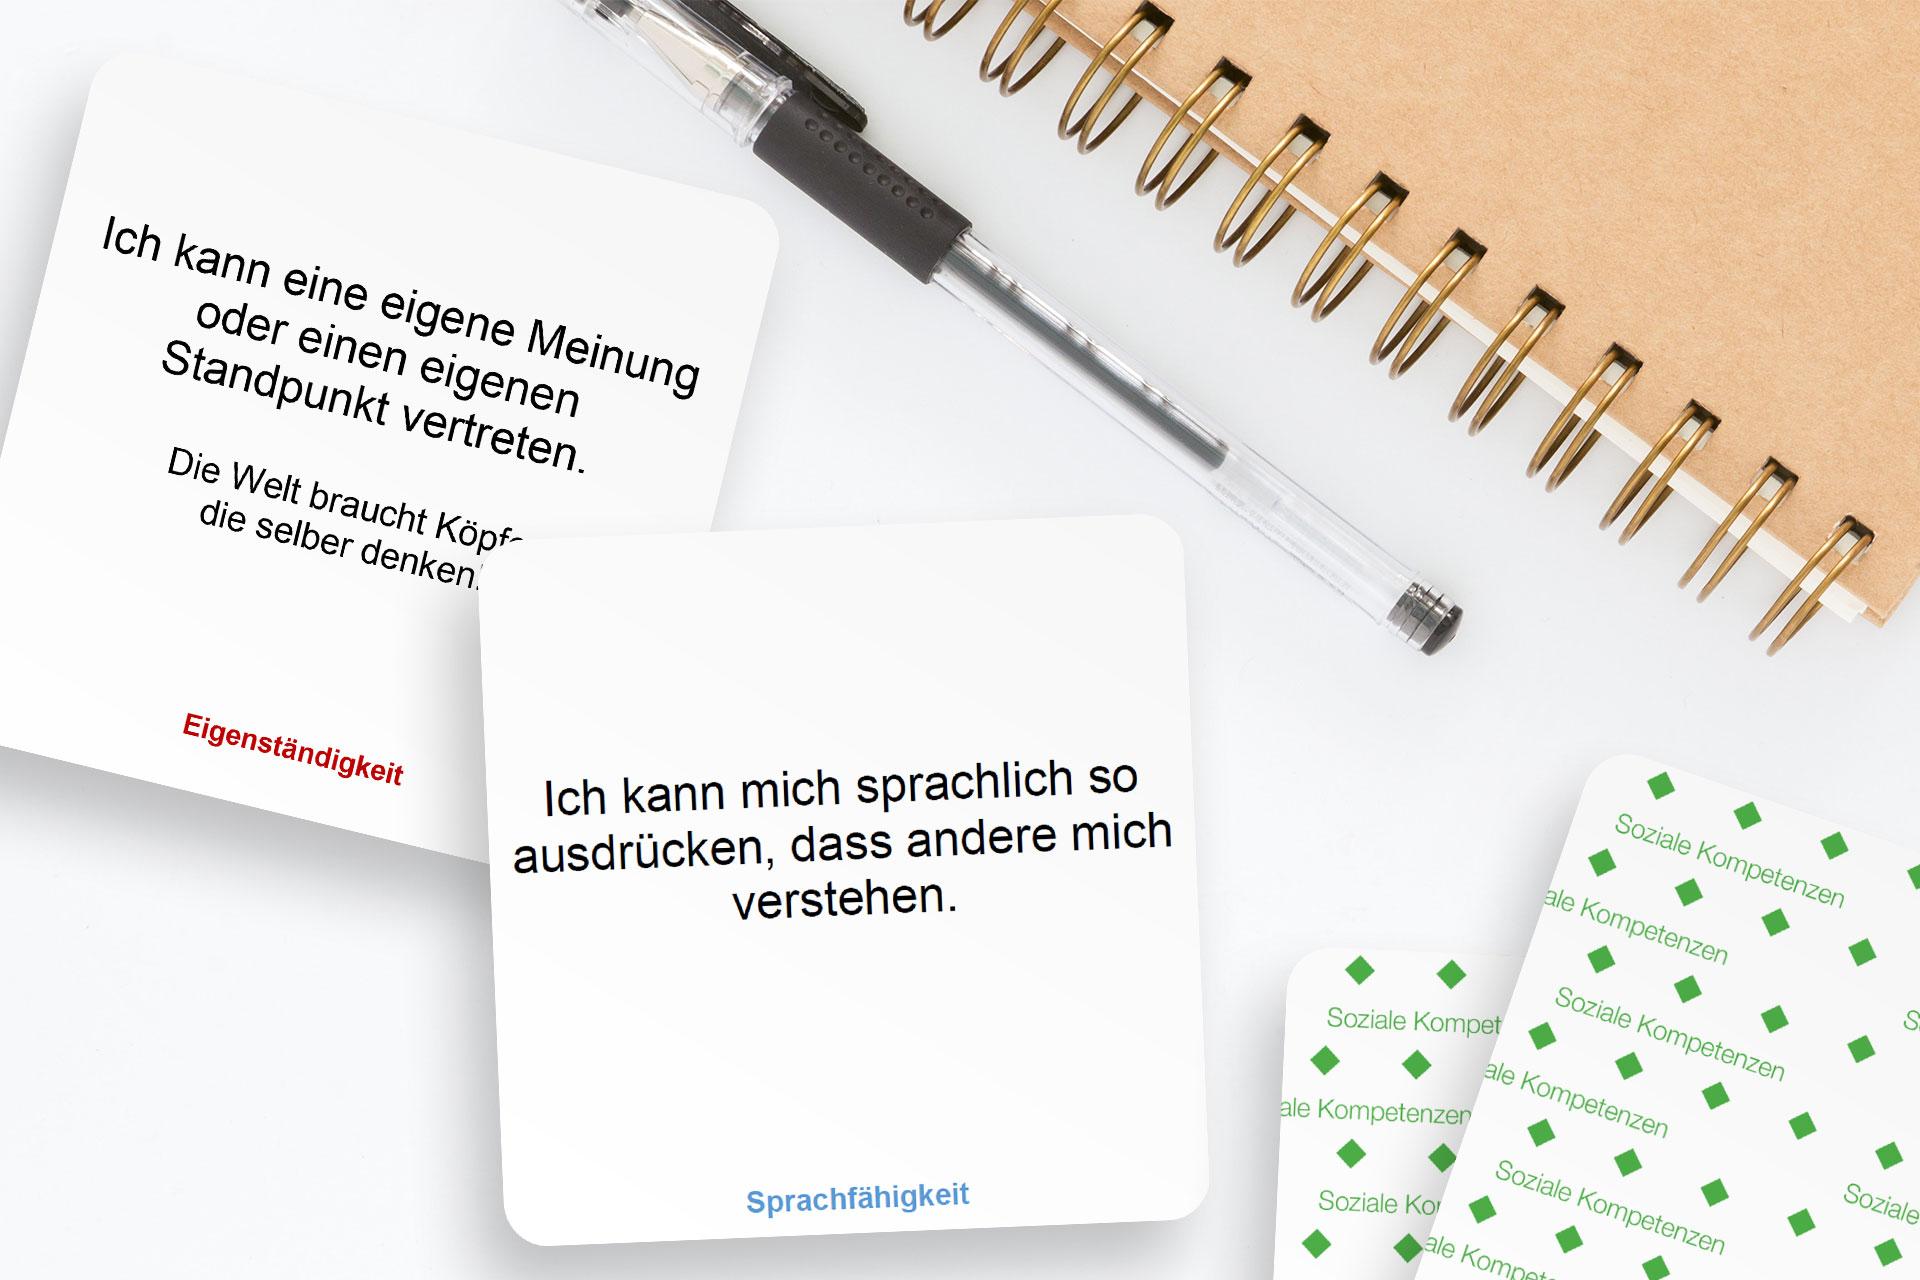 zwei Karten aus dem Kartensetz Überfachliche Kompetenzen